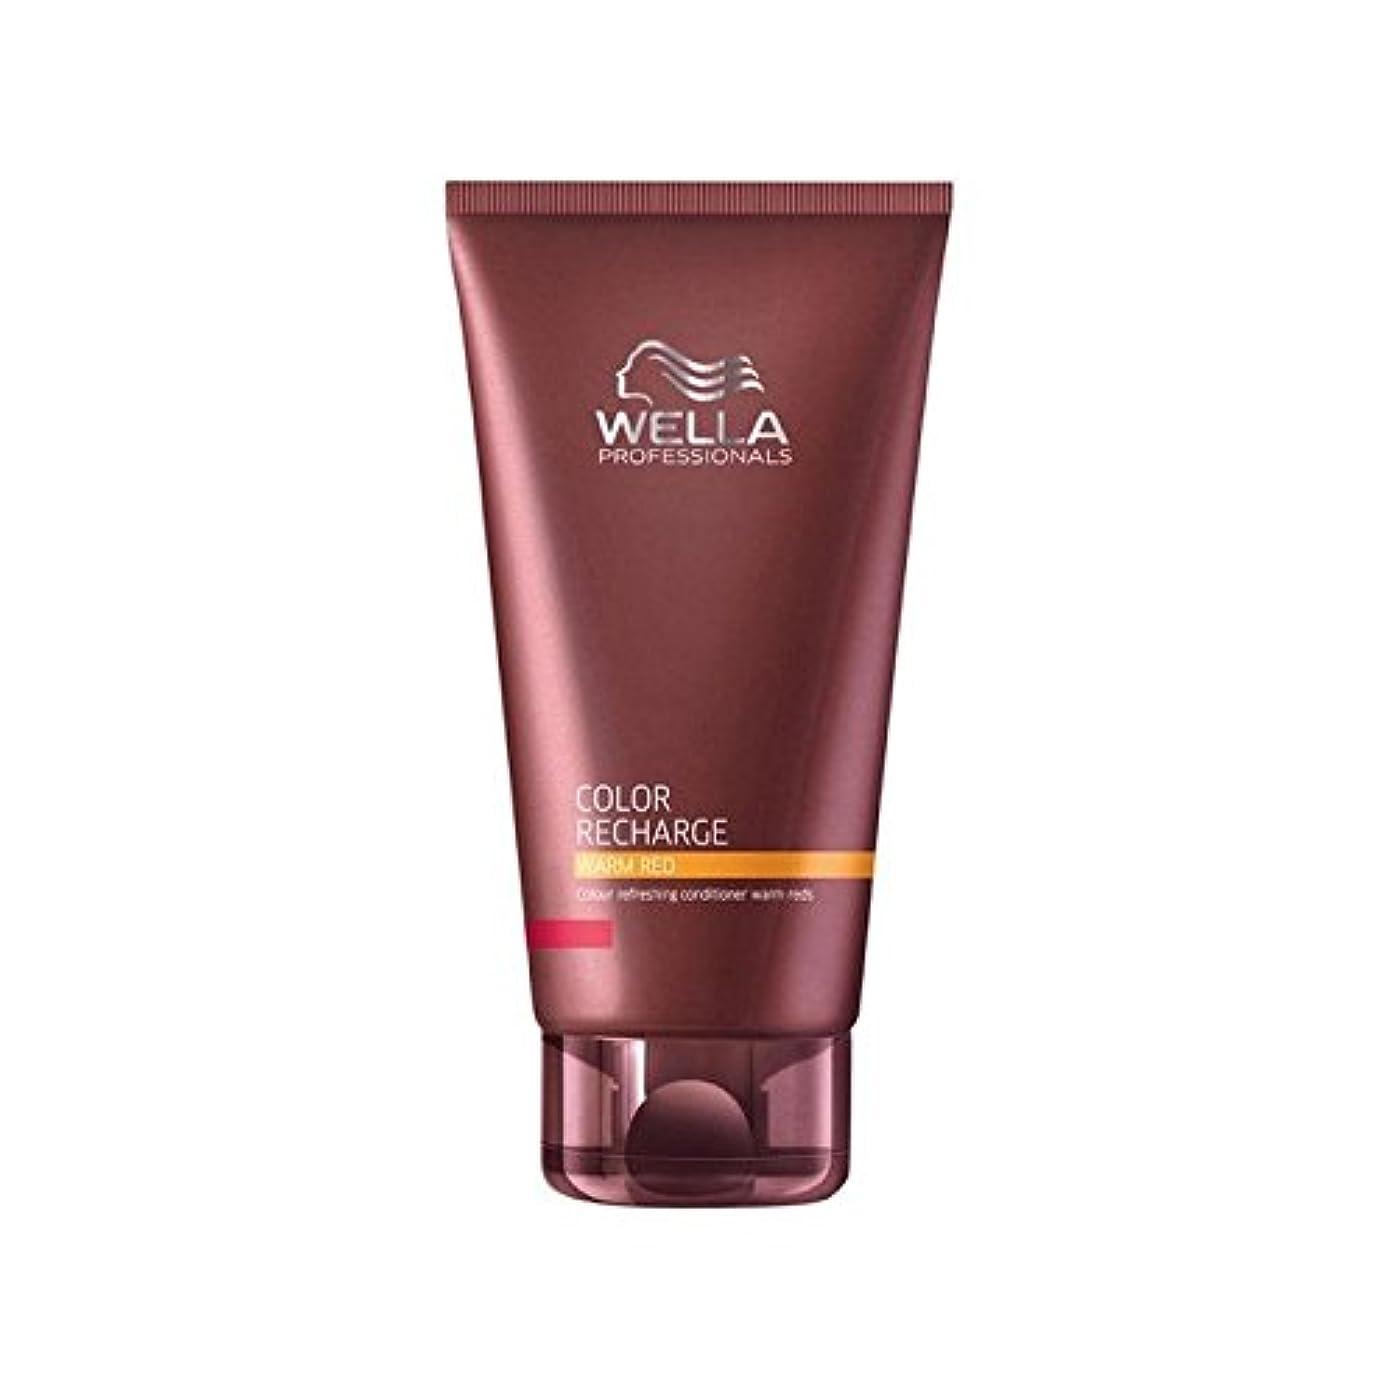 留まる吐き出すキャラバンウエラ専門家のカラー再充電コンディショナー暖かい赤(200ミリリットル) x2 - Wella Professionals Color Recharge Conditioner Warm Red (200ml) (Pack of 2) [並行輸入品]